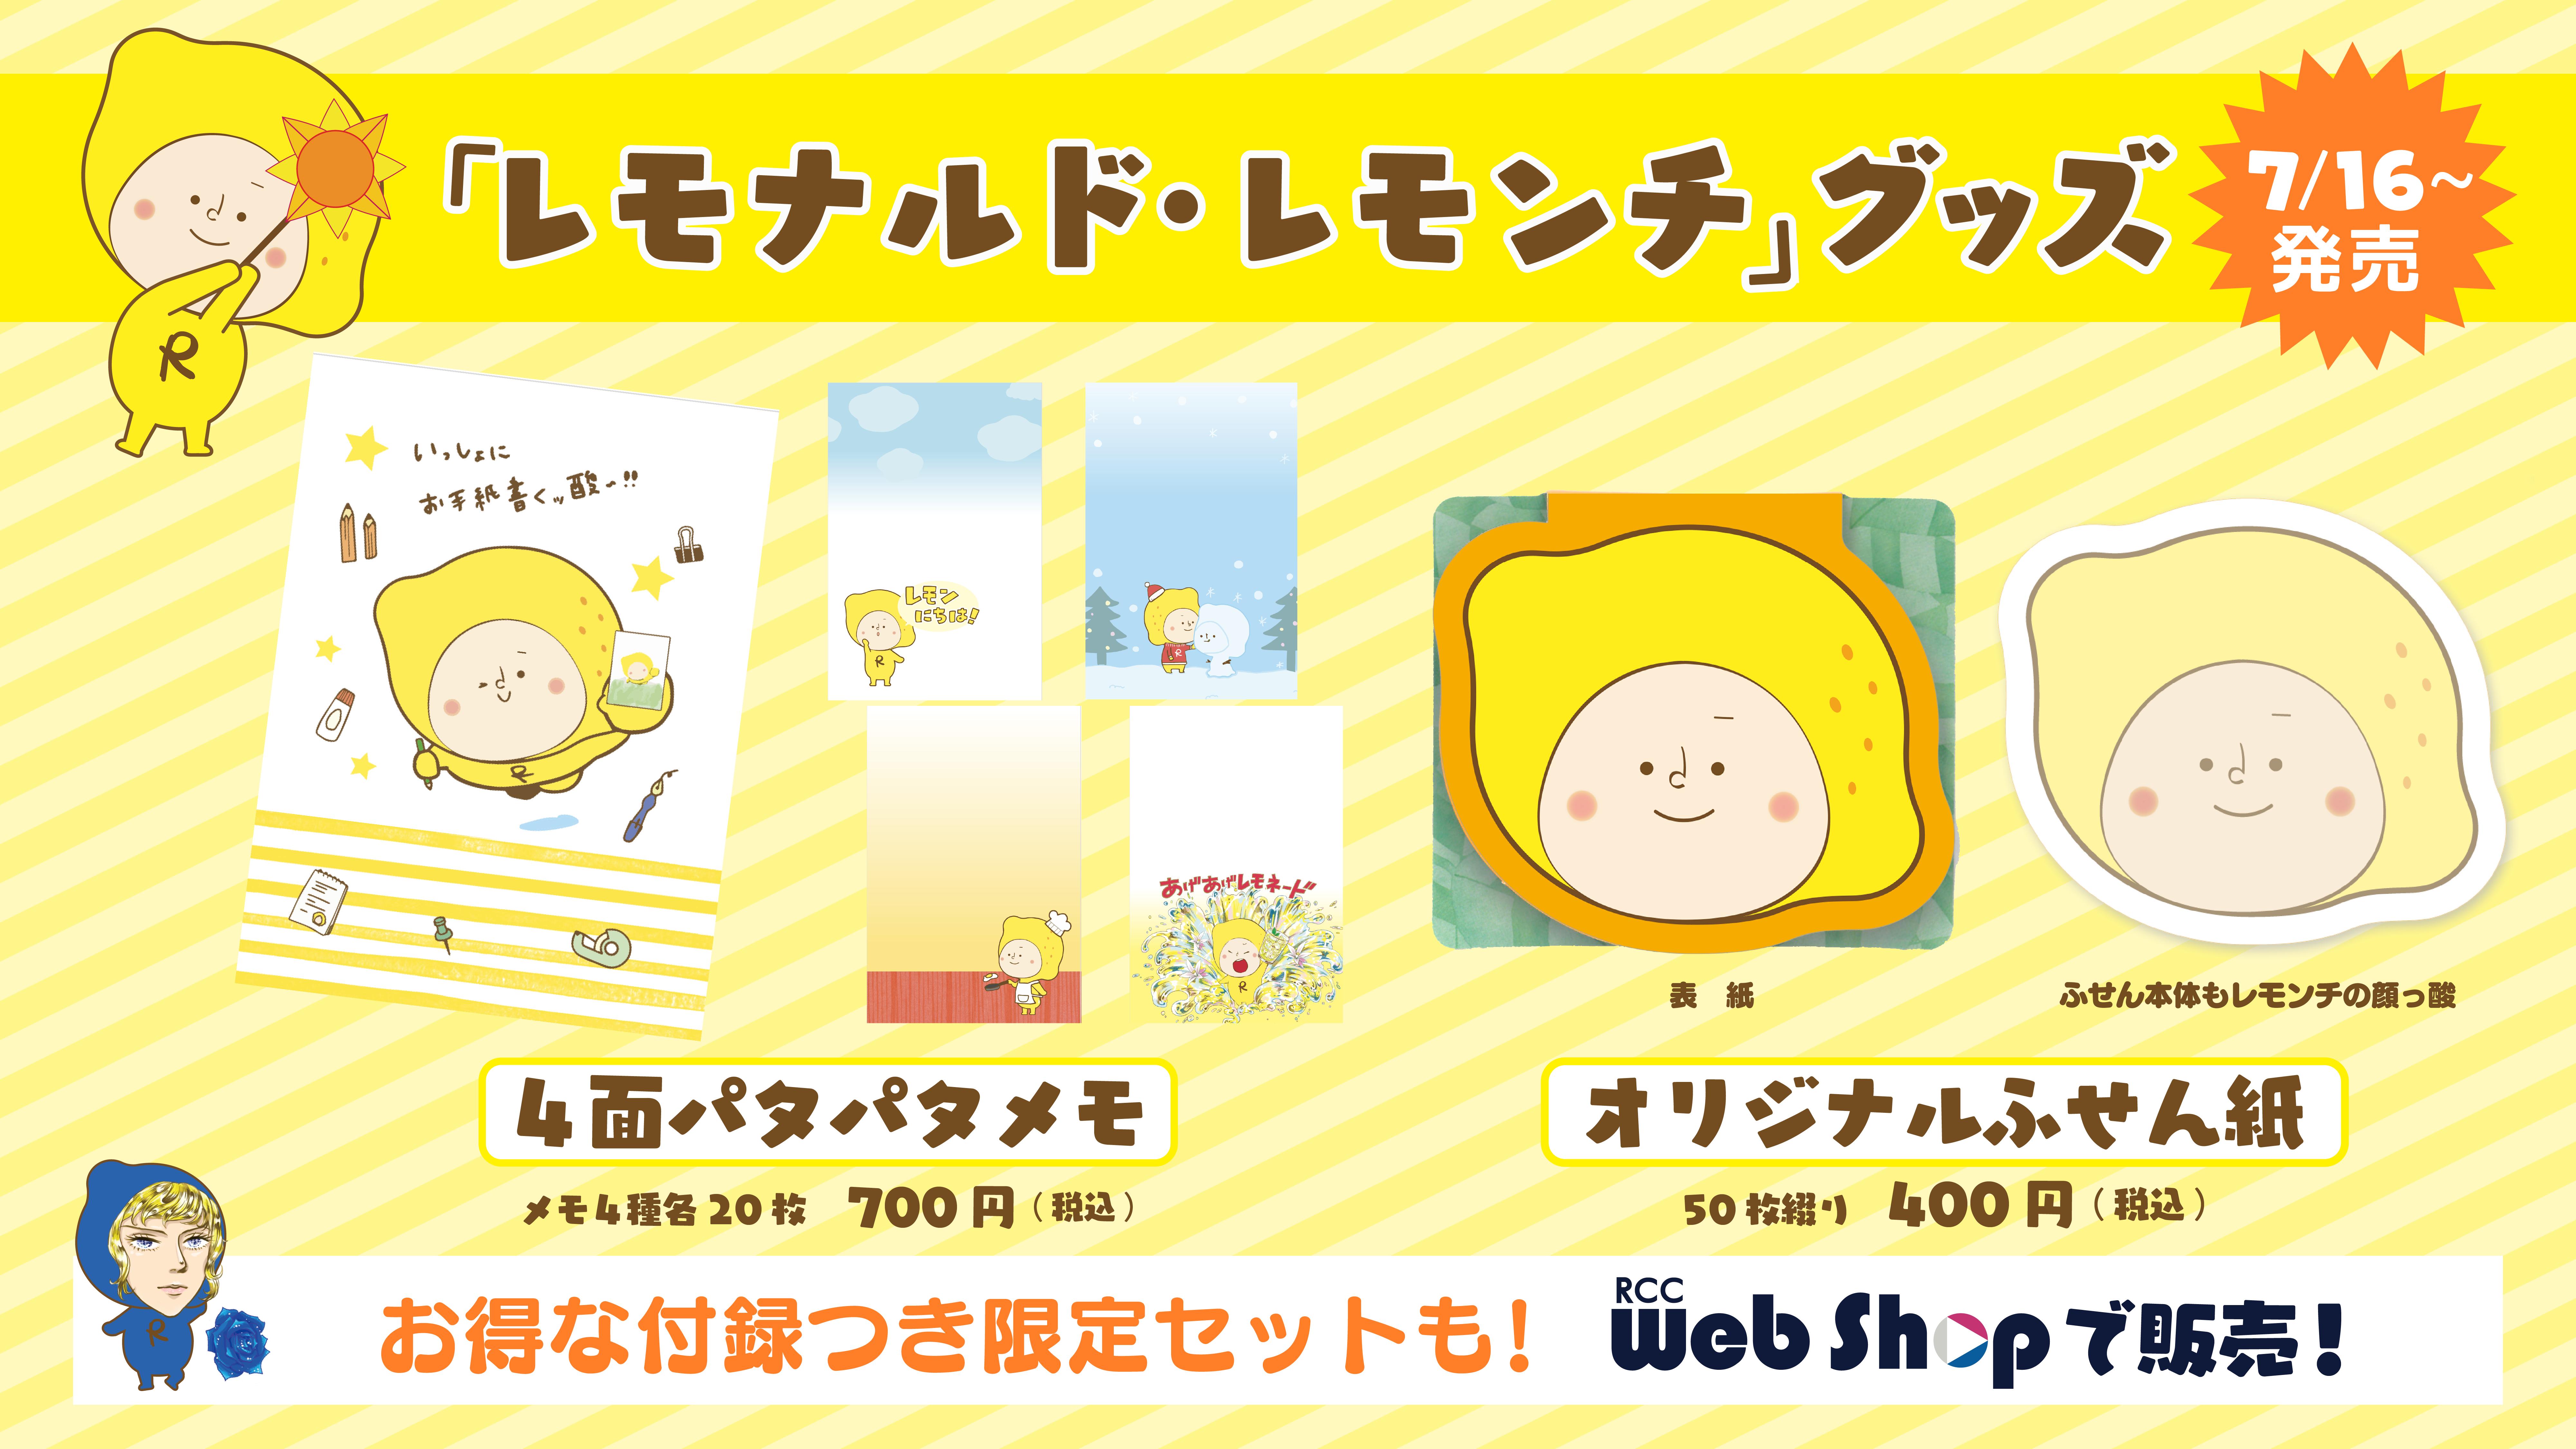 「レモナルド・レモンチ」グッズ 発売!